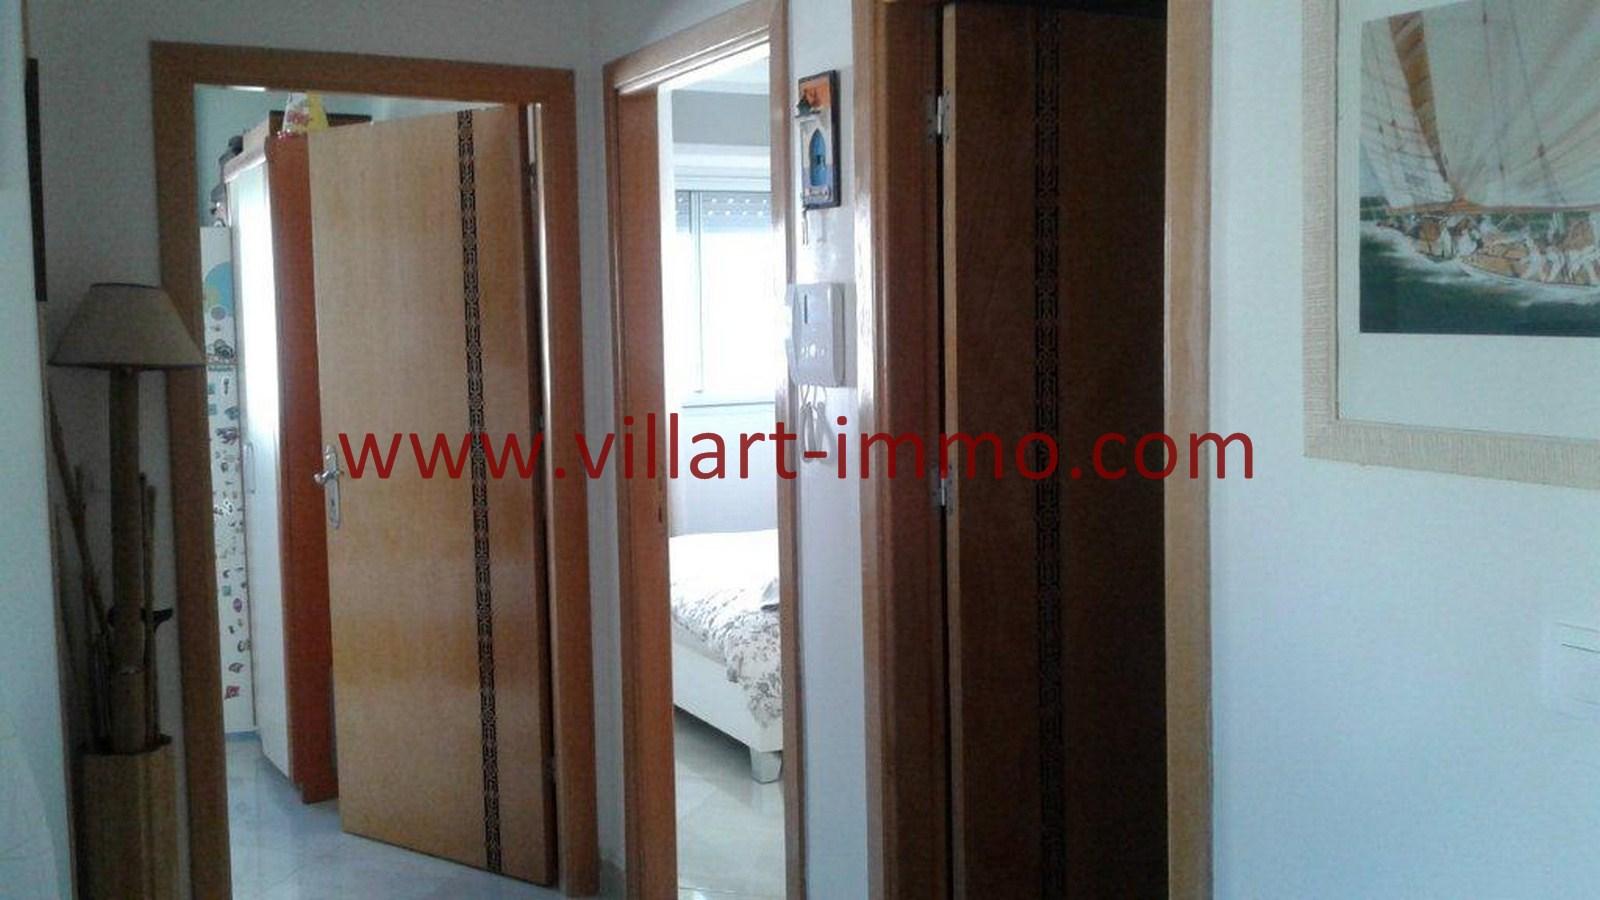 4-A louer-Appartement-Tanger-Castilla-Entrée-L1040-Villart immo-Agence Immobilière